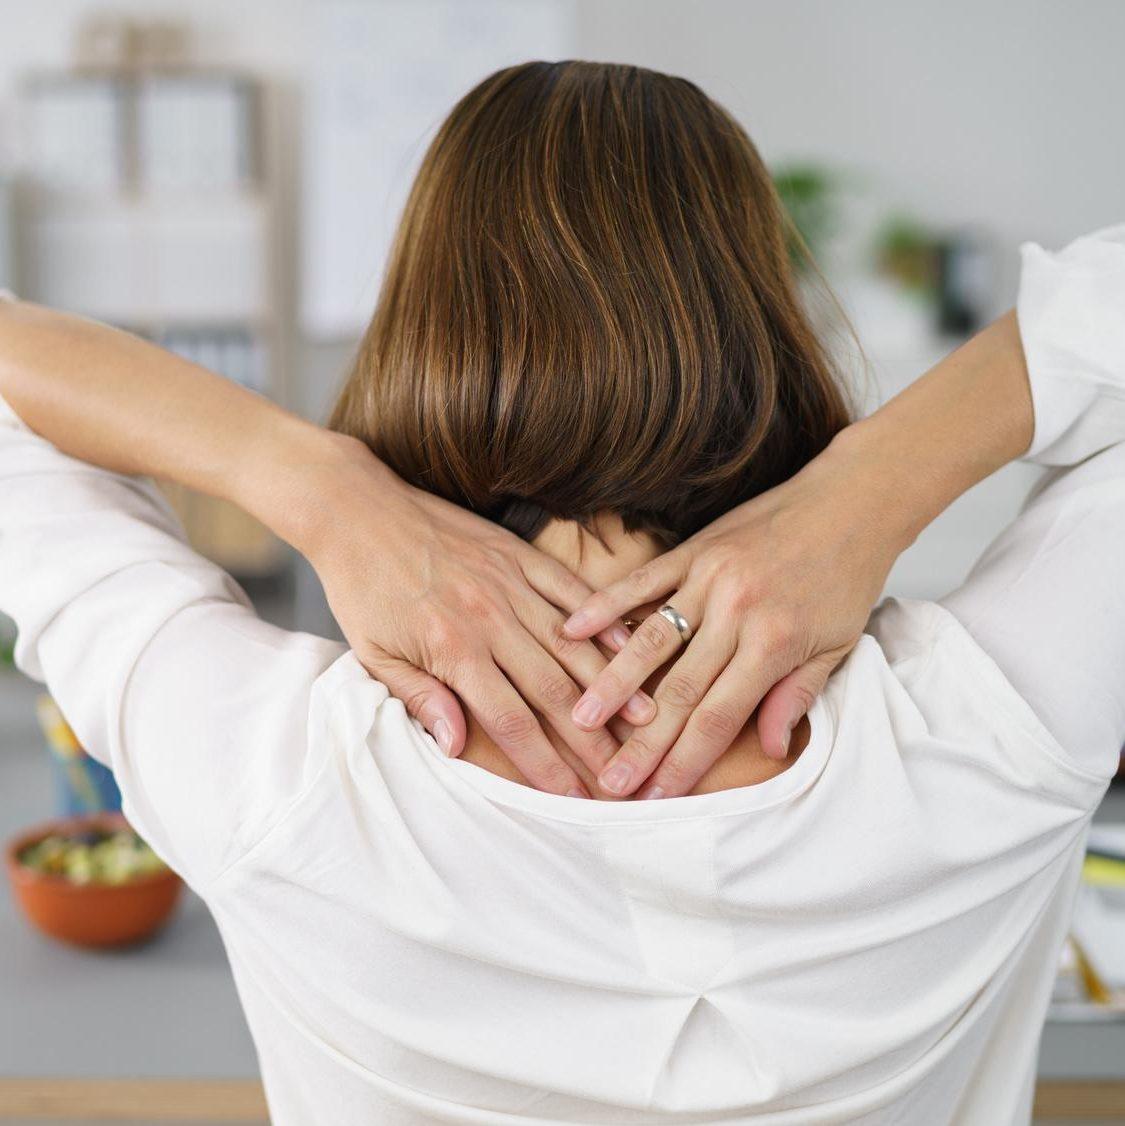 Osteopathische myofasziale Therapiemodelle basieren auf der Befundung, dass Faszien an Stellen erhöhter mechanischer Belastung fester sind und umgebende Fasern zu sich ziehen